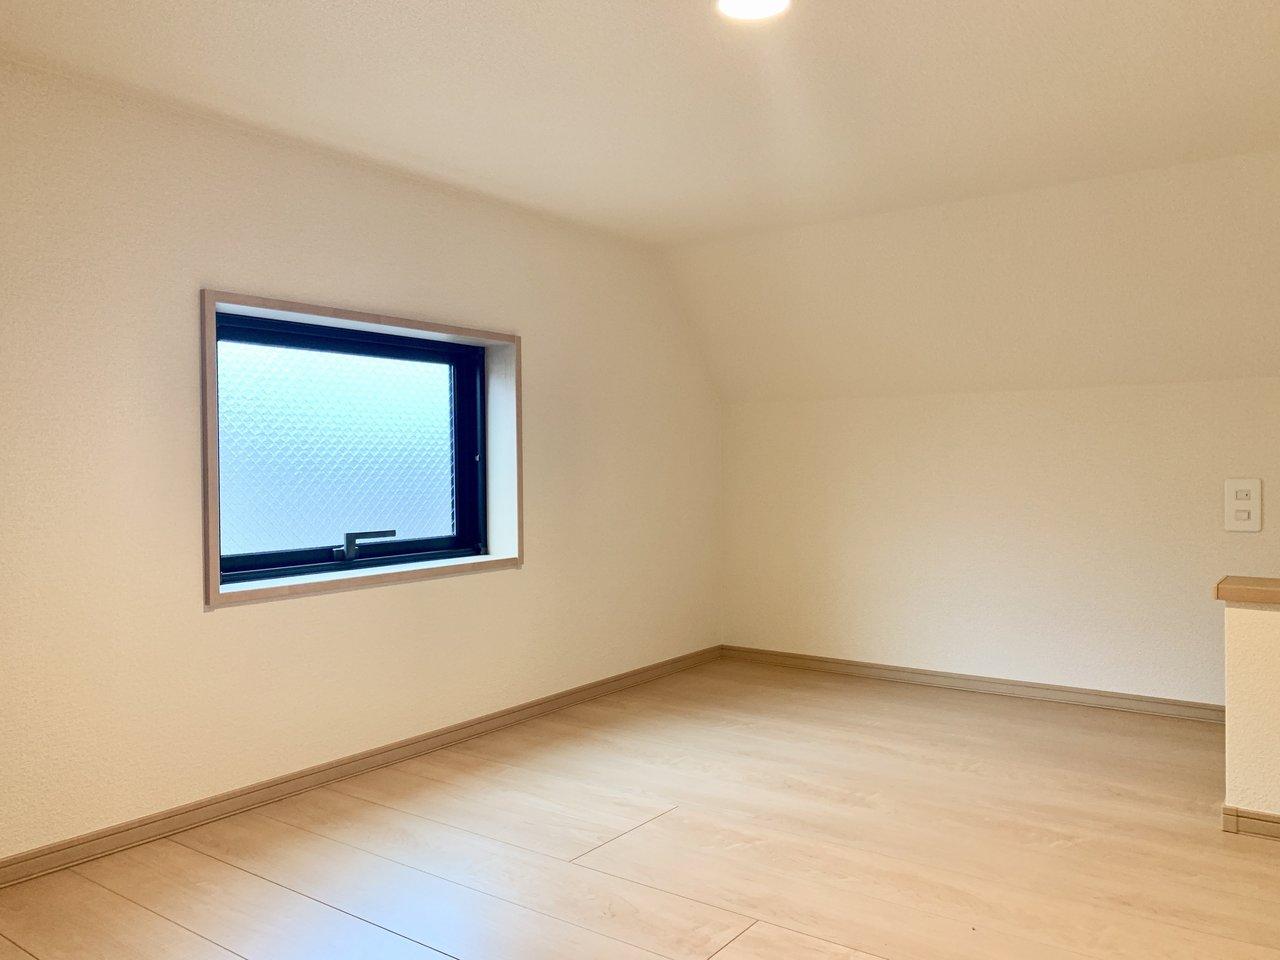 ロフト部分も膝立ちで歩けます。窓もありますよ。ベッドを居室に置かなくていいだけで、広く使えそうです。